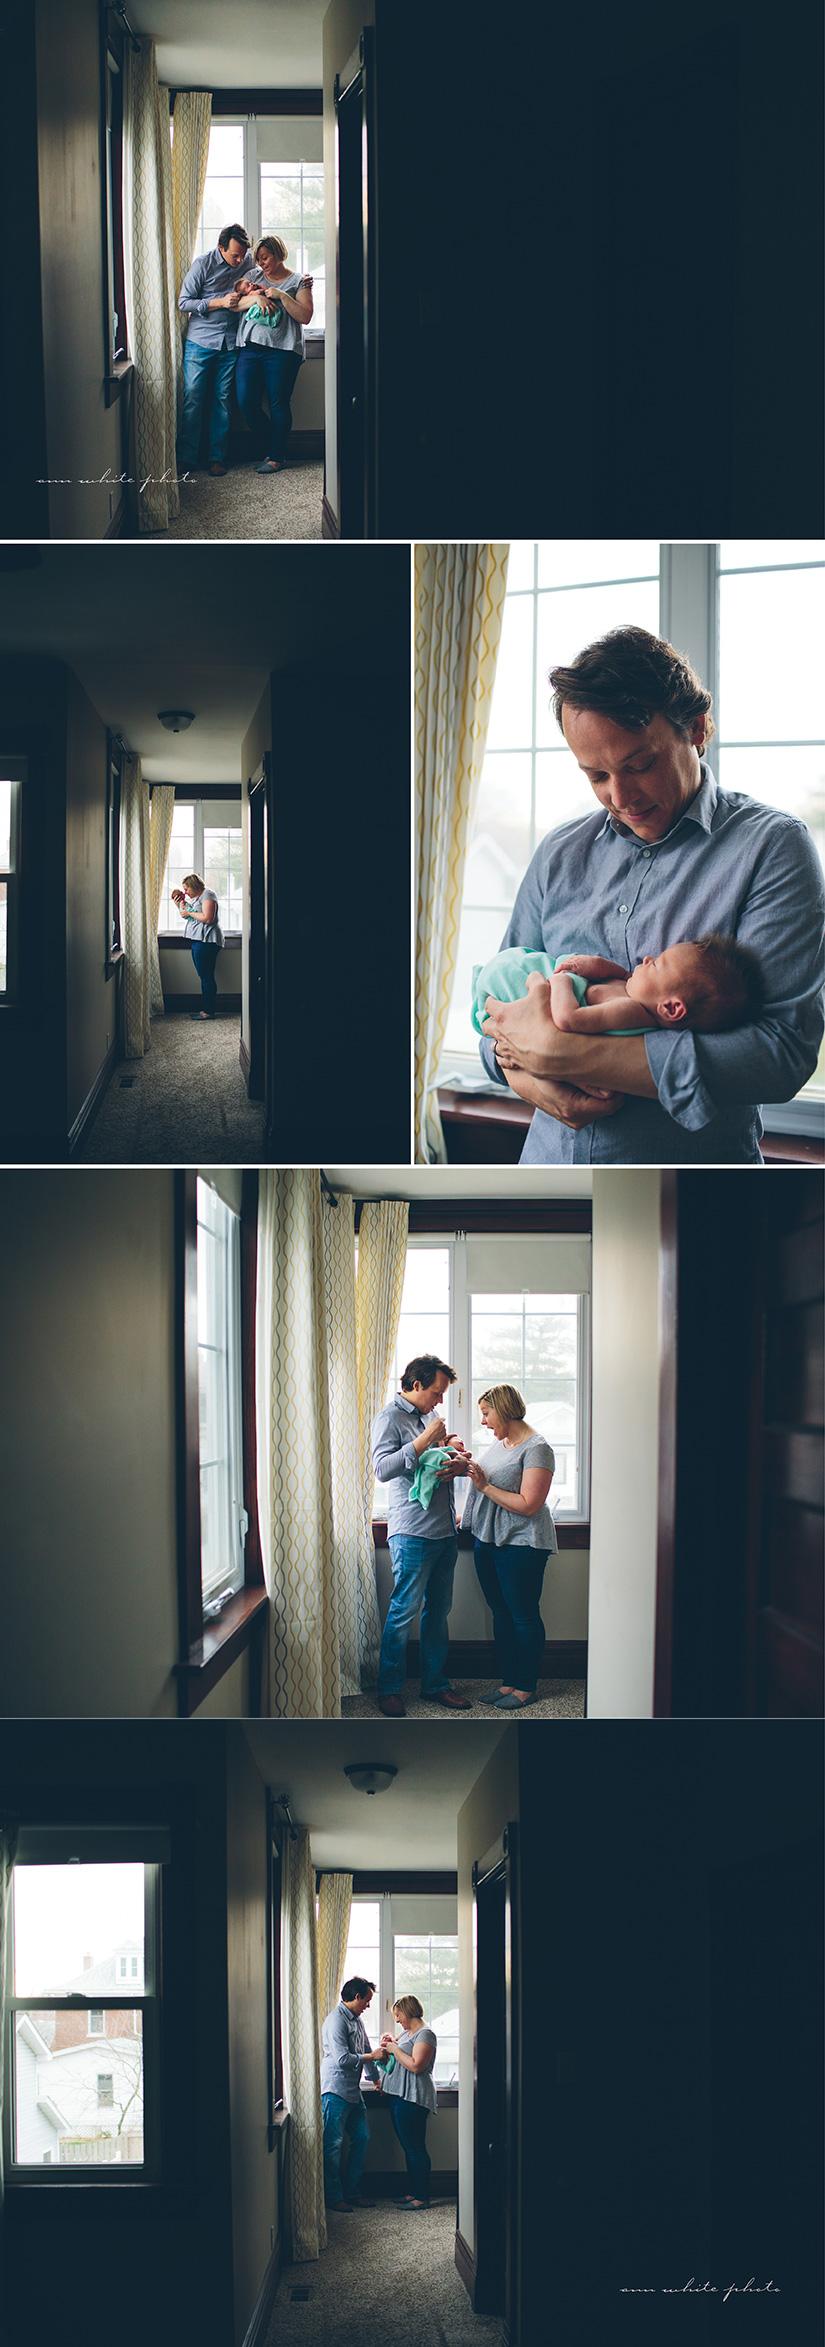 Oliver_newborn_blog.jpg